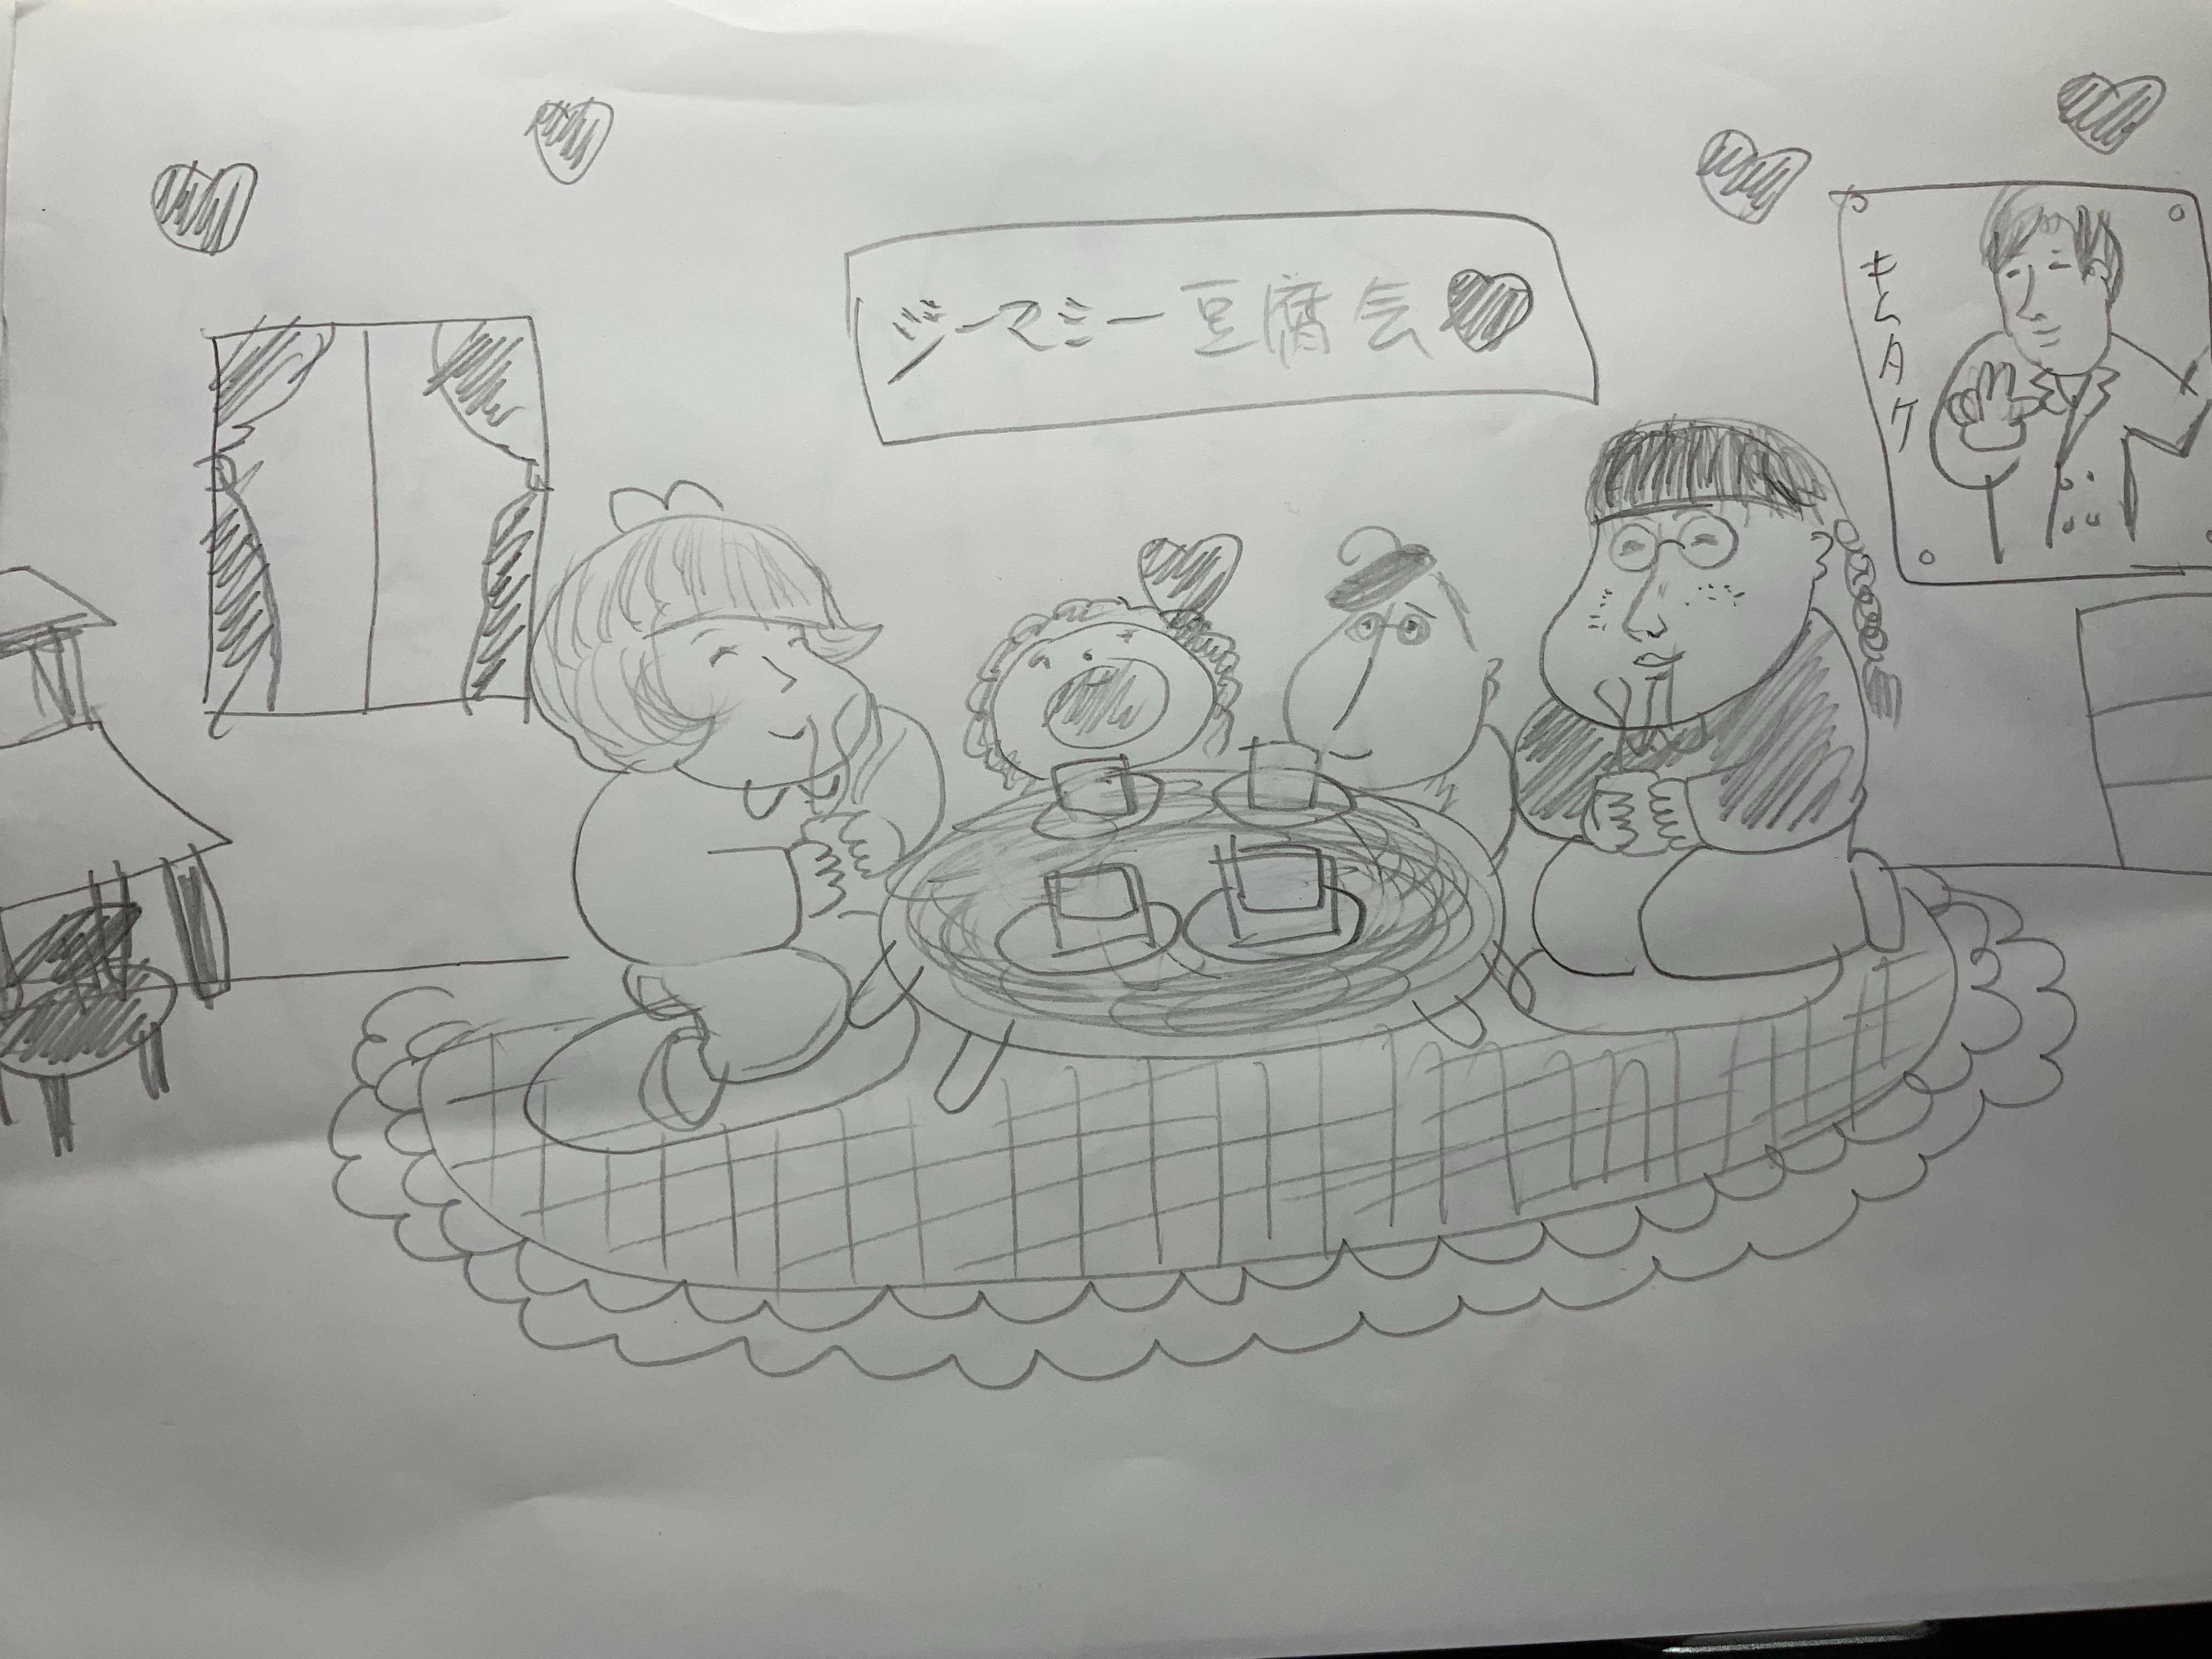 f:id:zusshimi_gundan:20201215225025j:image